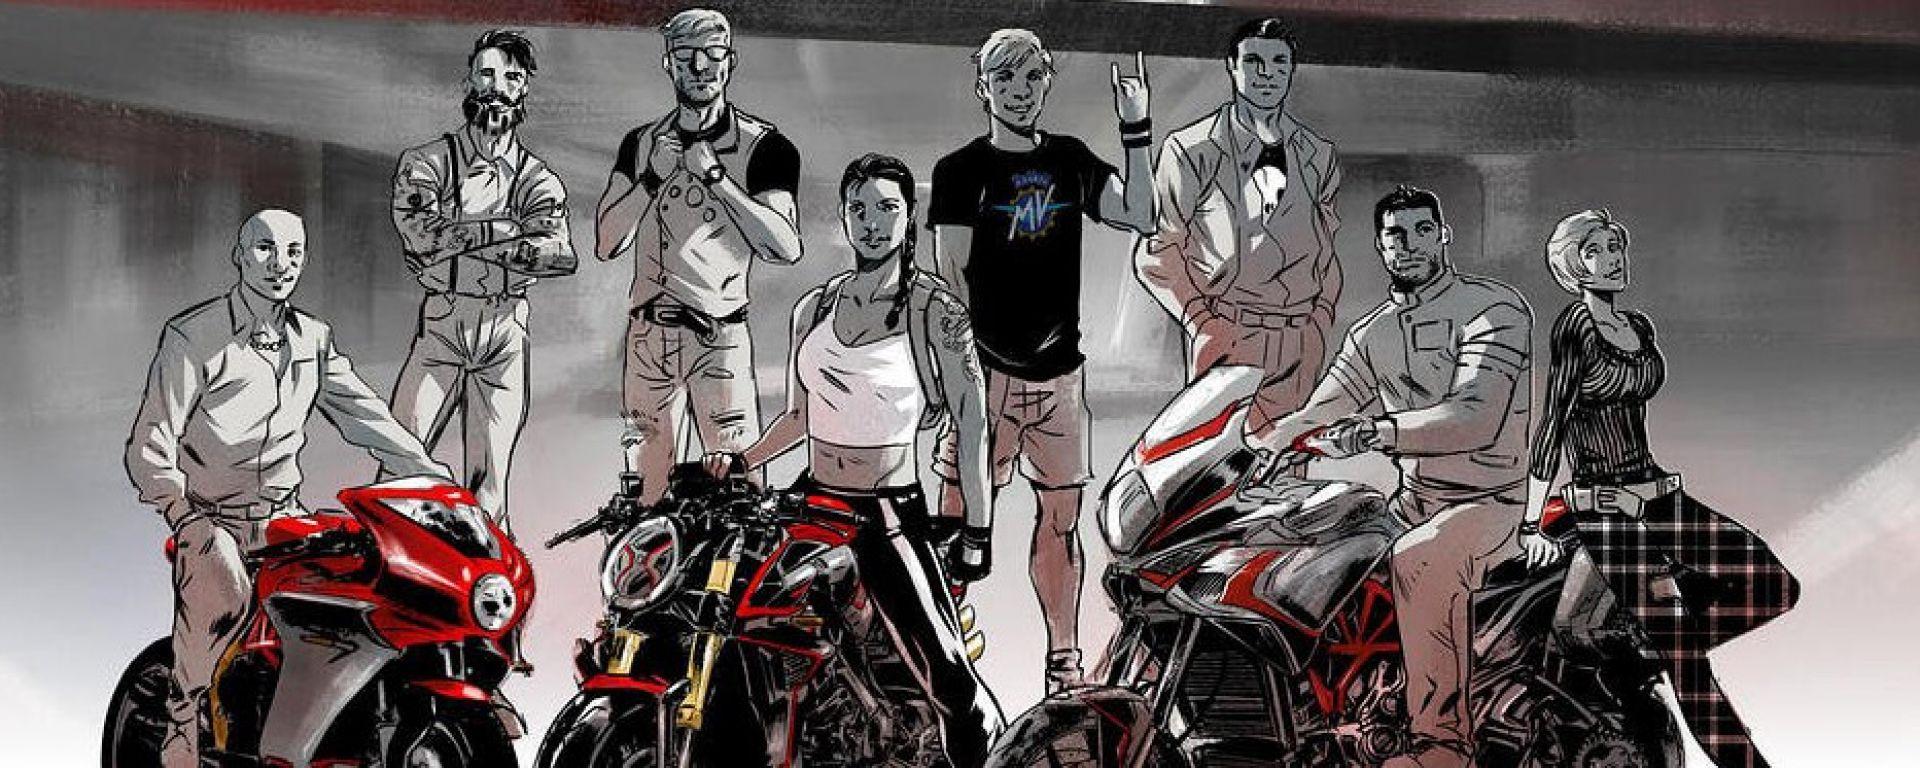 MV Agusta diventa un fumetto: il primo episodio con la Turismo Veloce